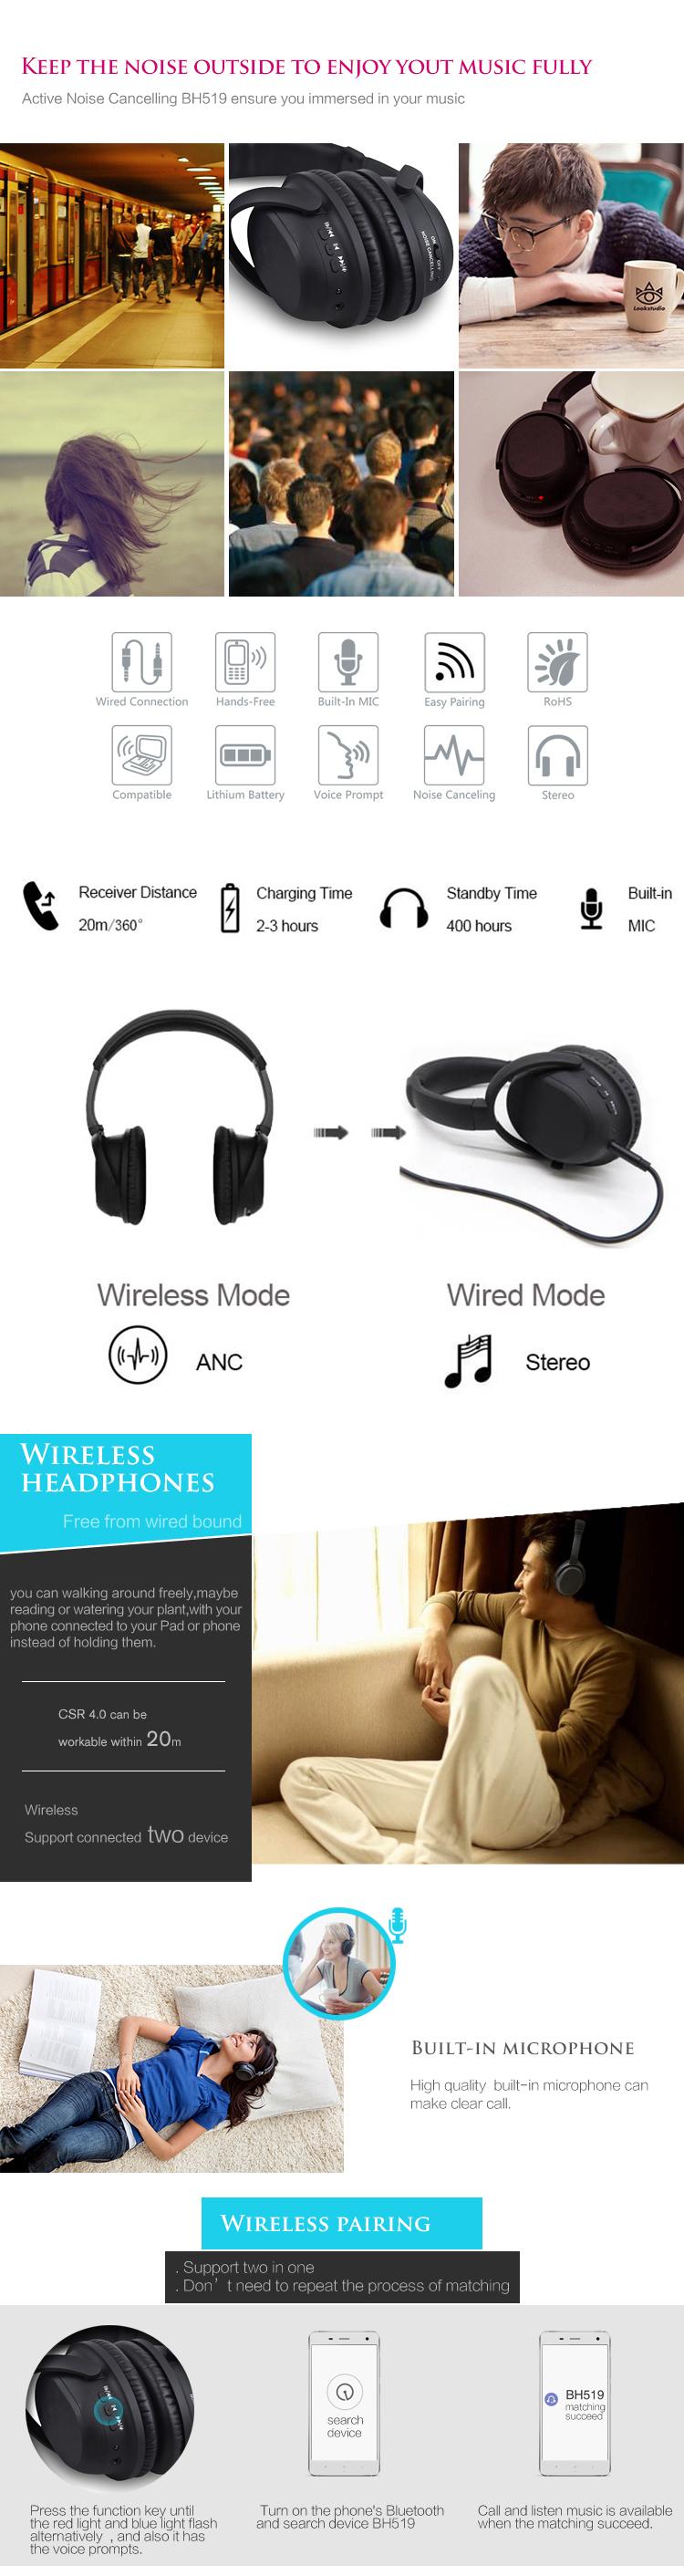 Fabrika oem HiFi stereo kulaklık aşırı kulak aktif gürültü iptal kulaklık gürültü iptal kablosuz kulaklıklar ile ANC